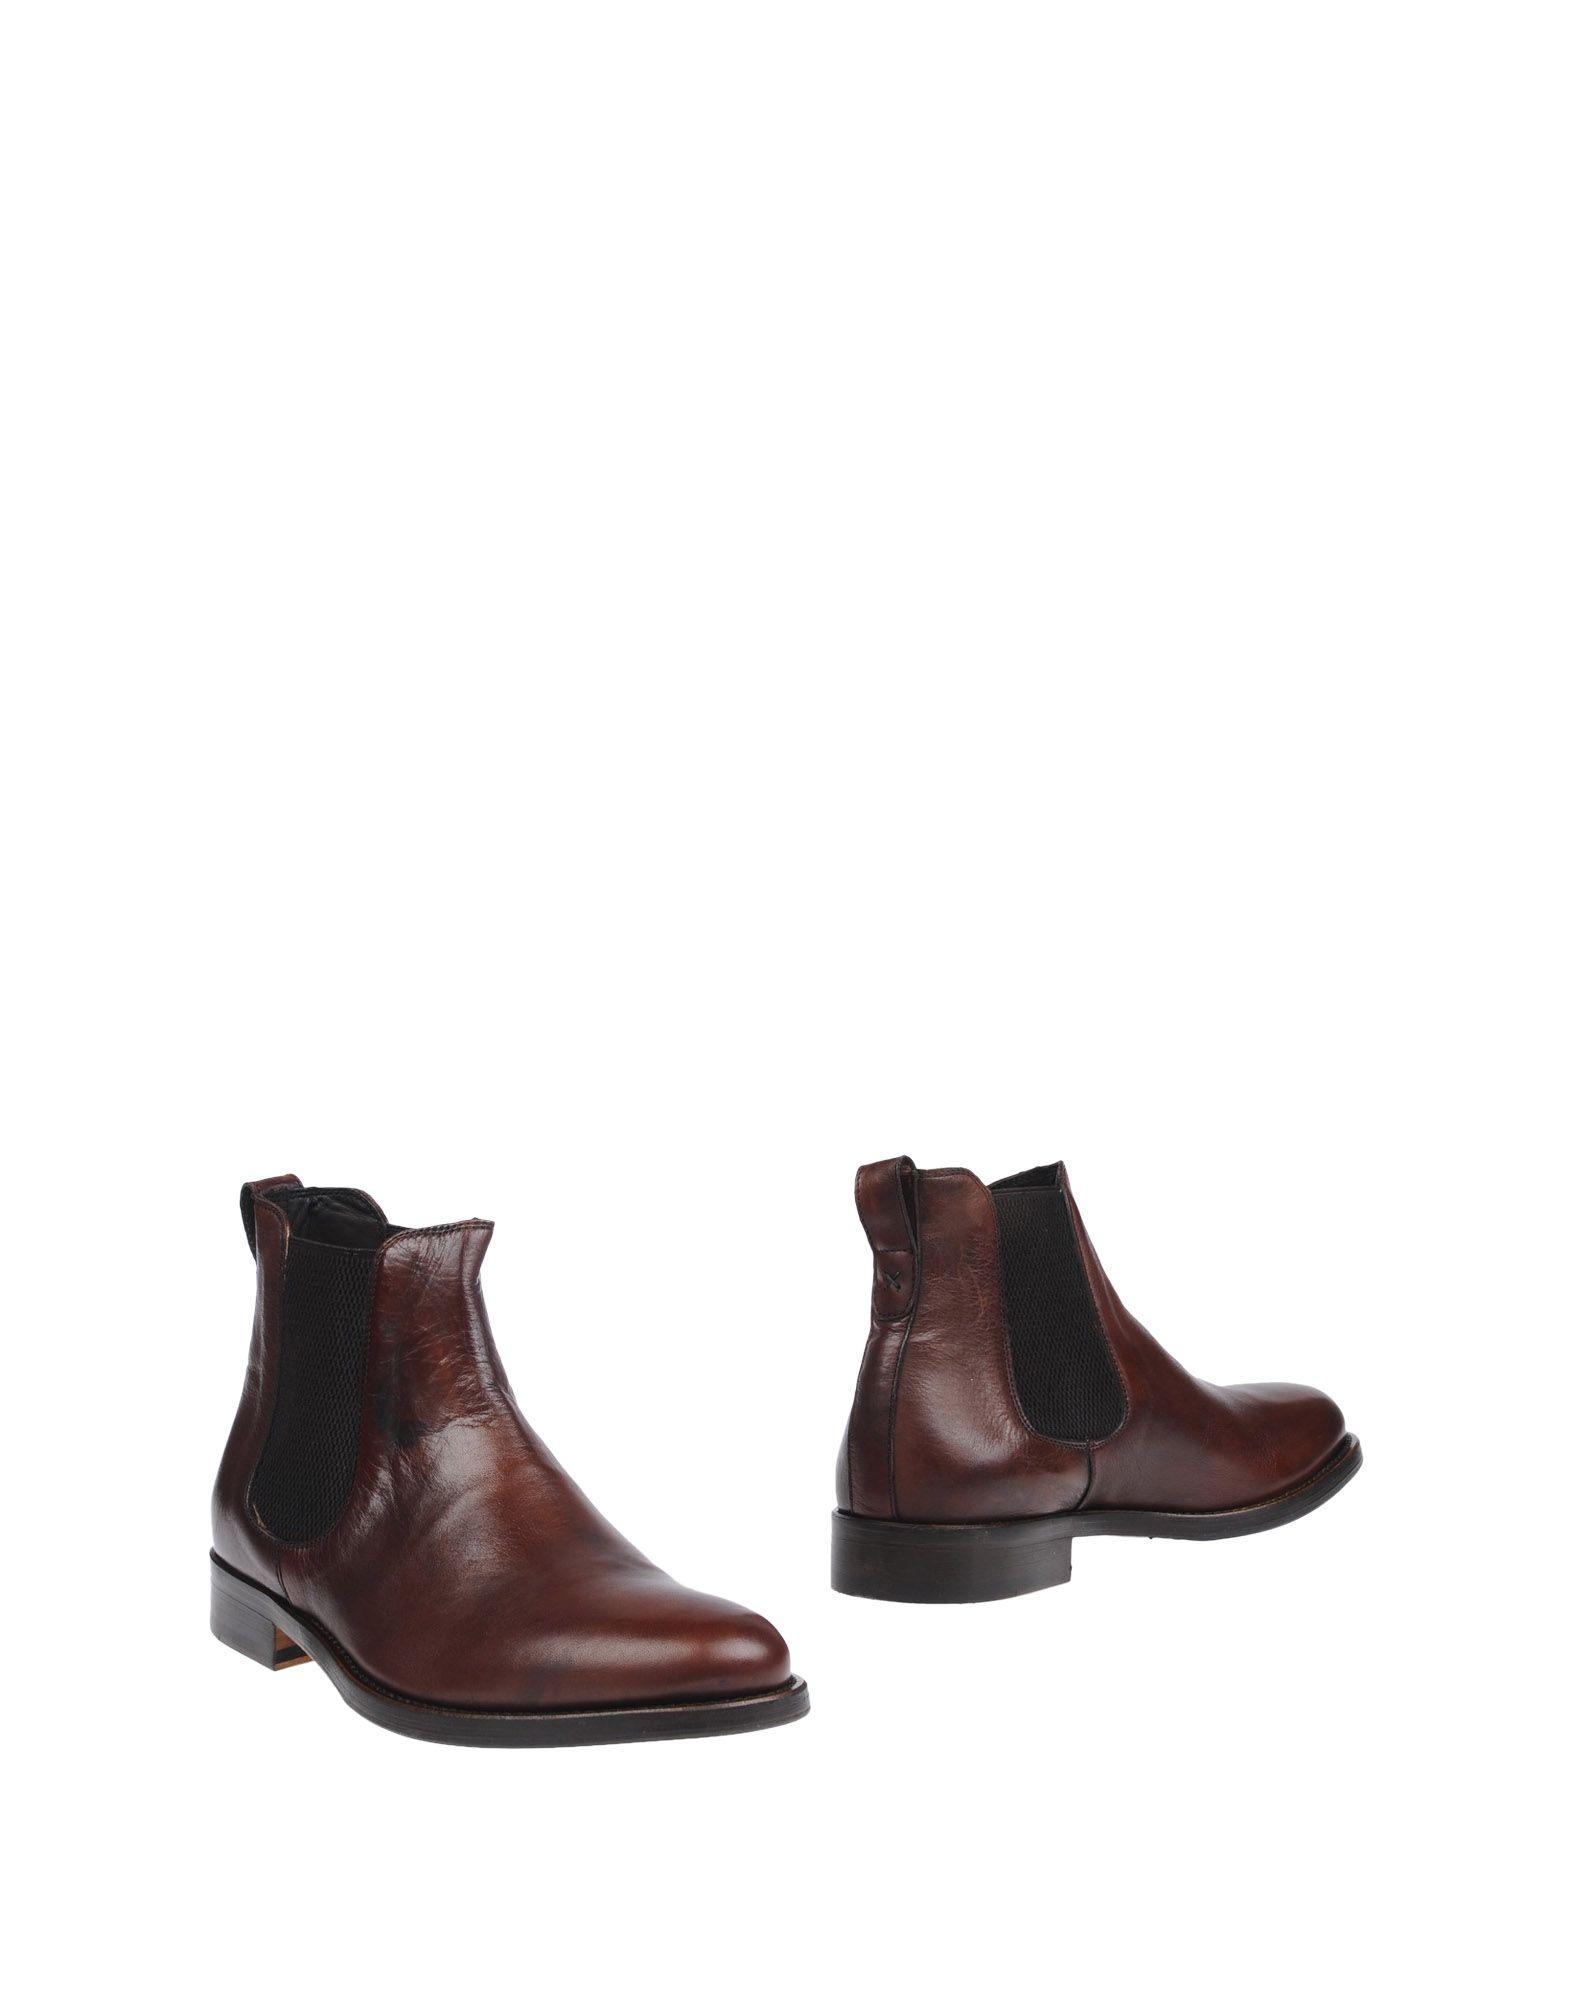 Brian Dales Stiefelette Herren  11223027IH Gute Qualität beliebte Schuhe